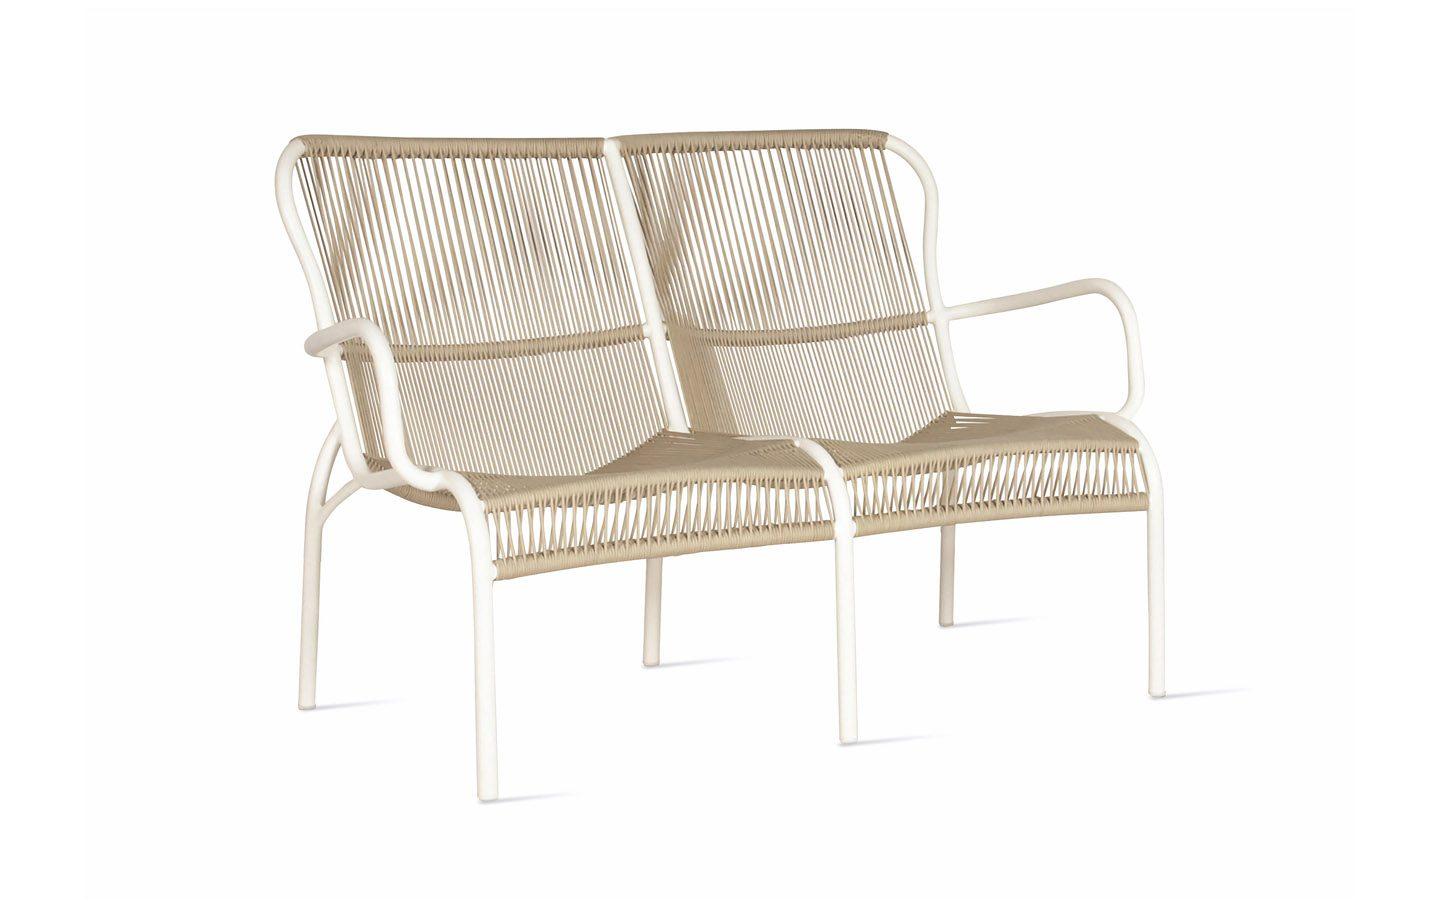 Loop-sofa-rope-outdoor-01